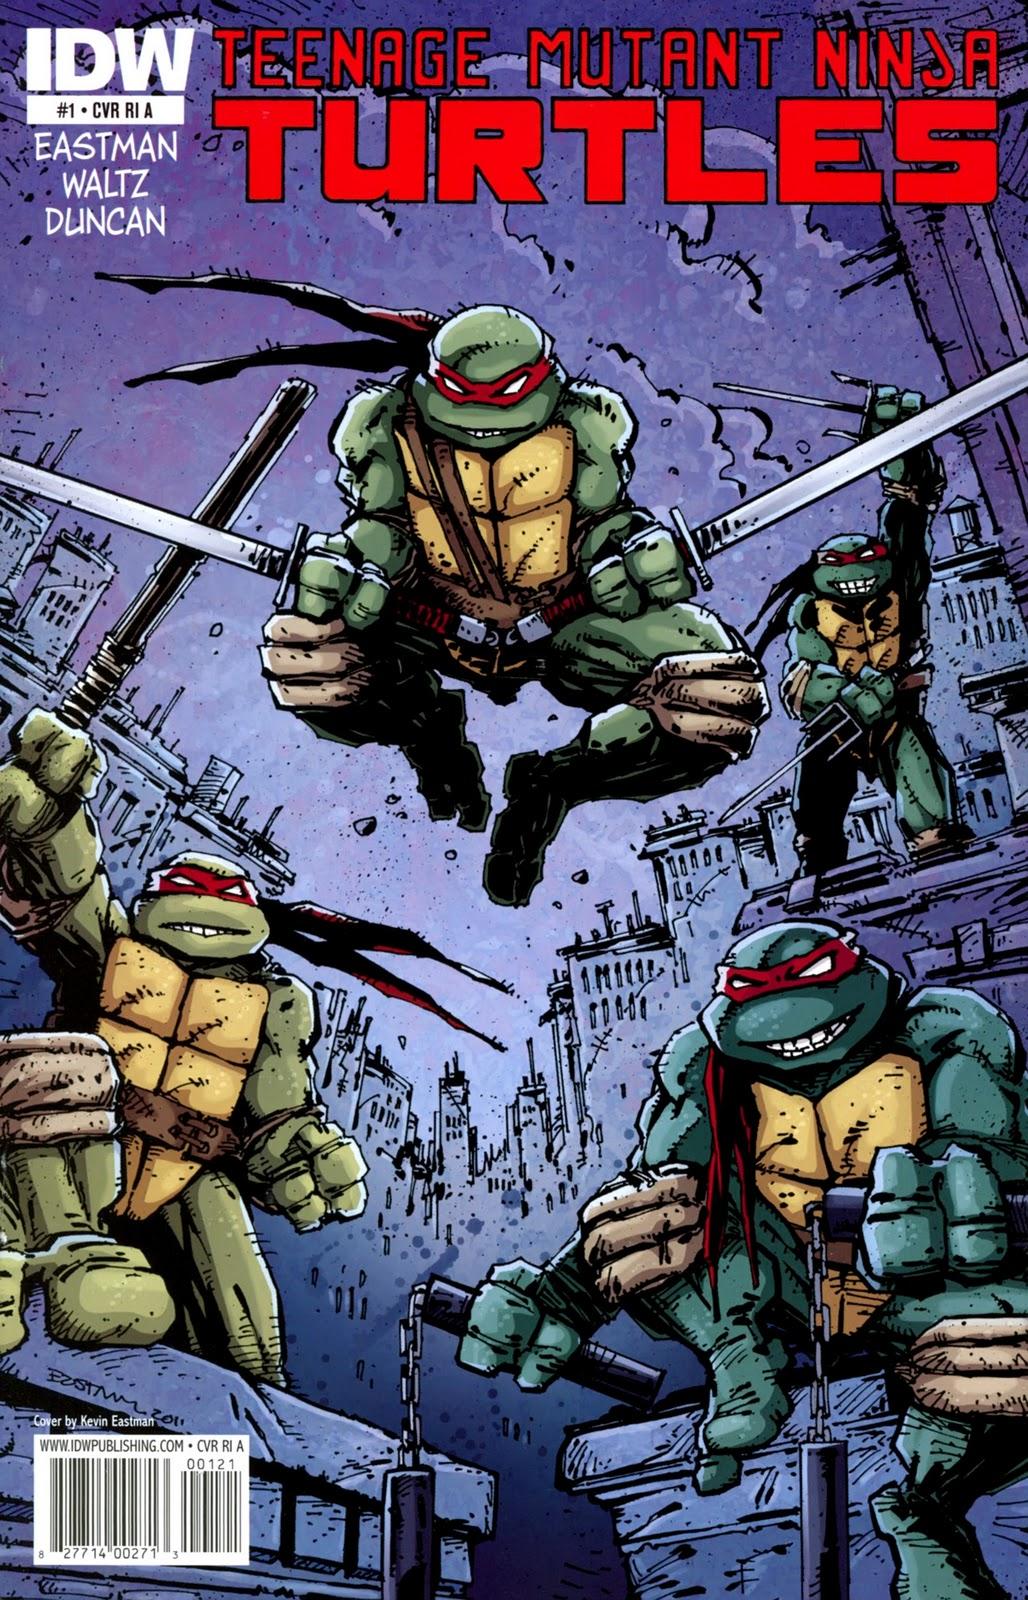 The CubeBlog: Teenage Mutant Ninja Turtles (IDW) #1-5